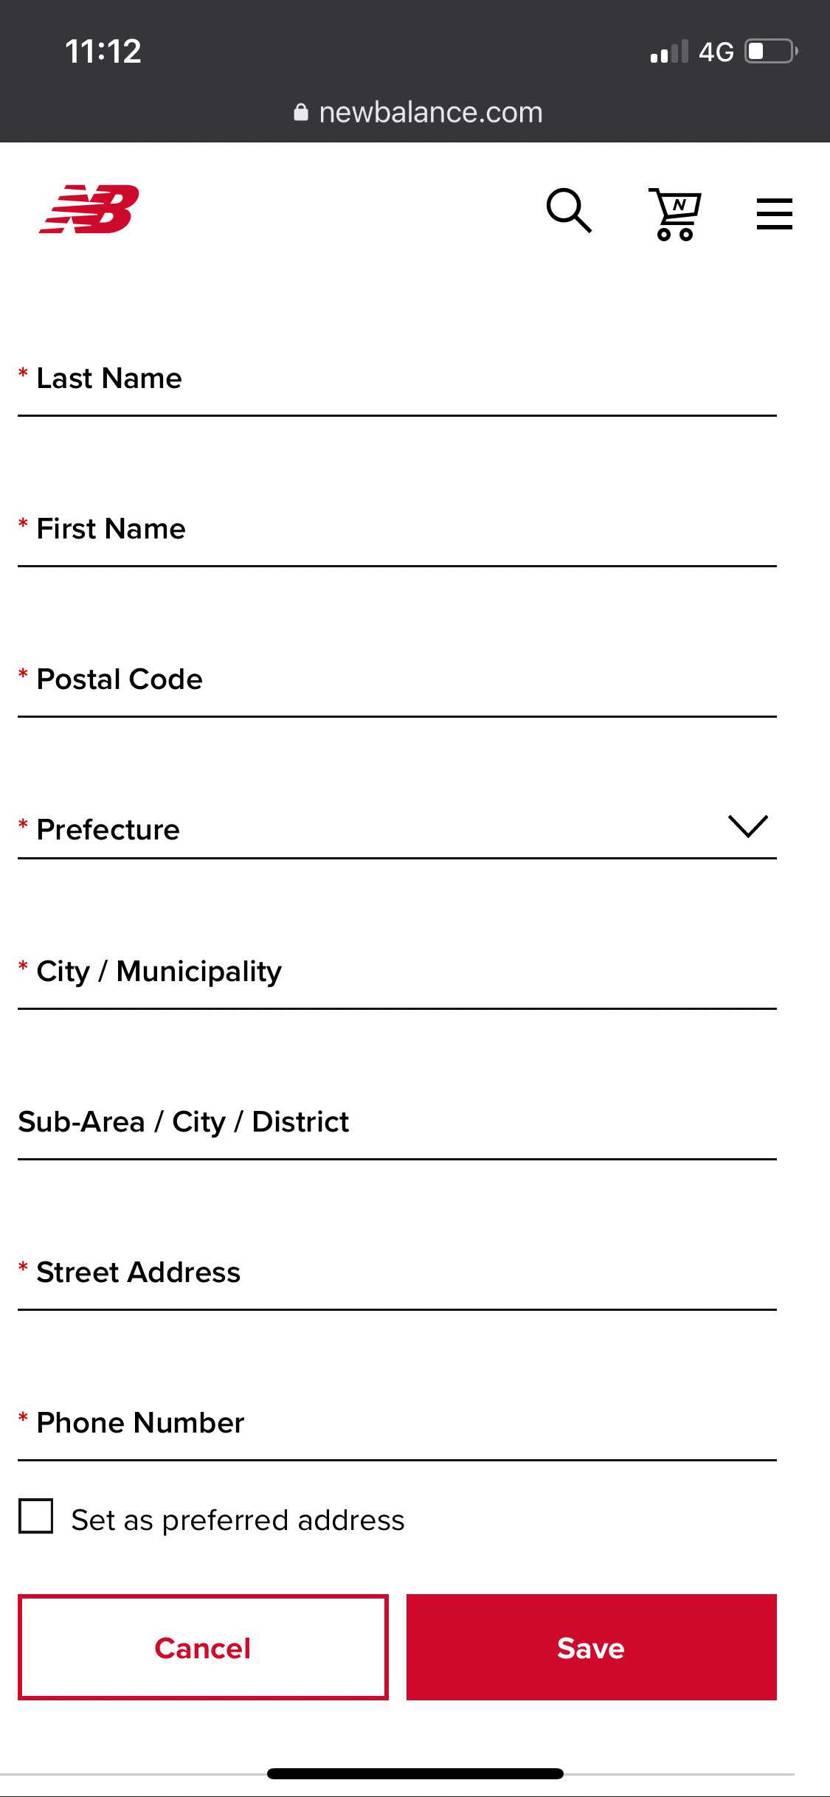 アメリカのニューバランスのサイトに登録しようとおもったのですが、郵便番号で弾かれ